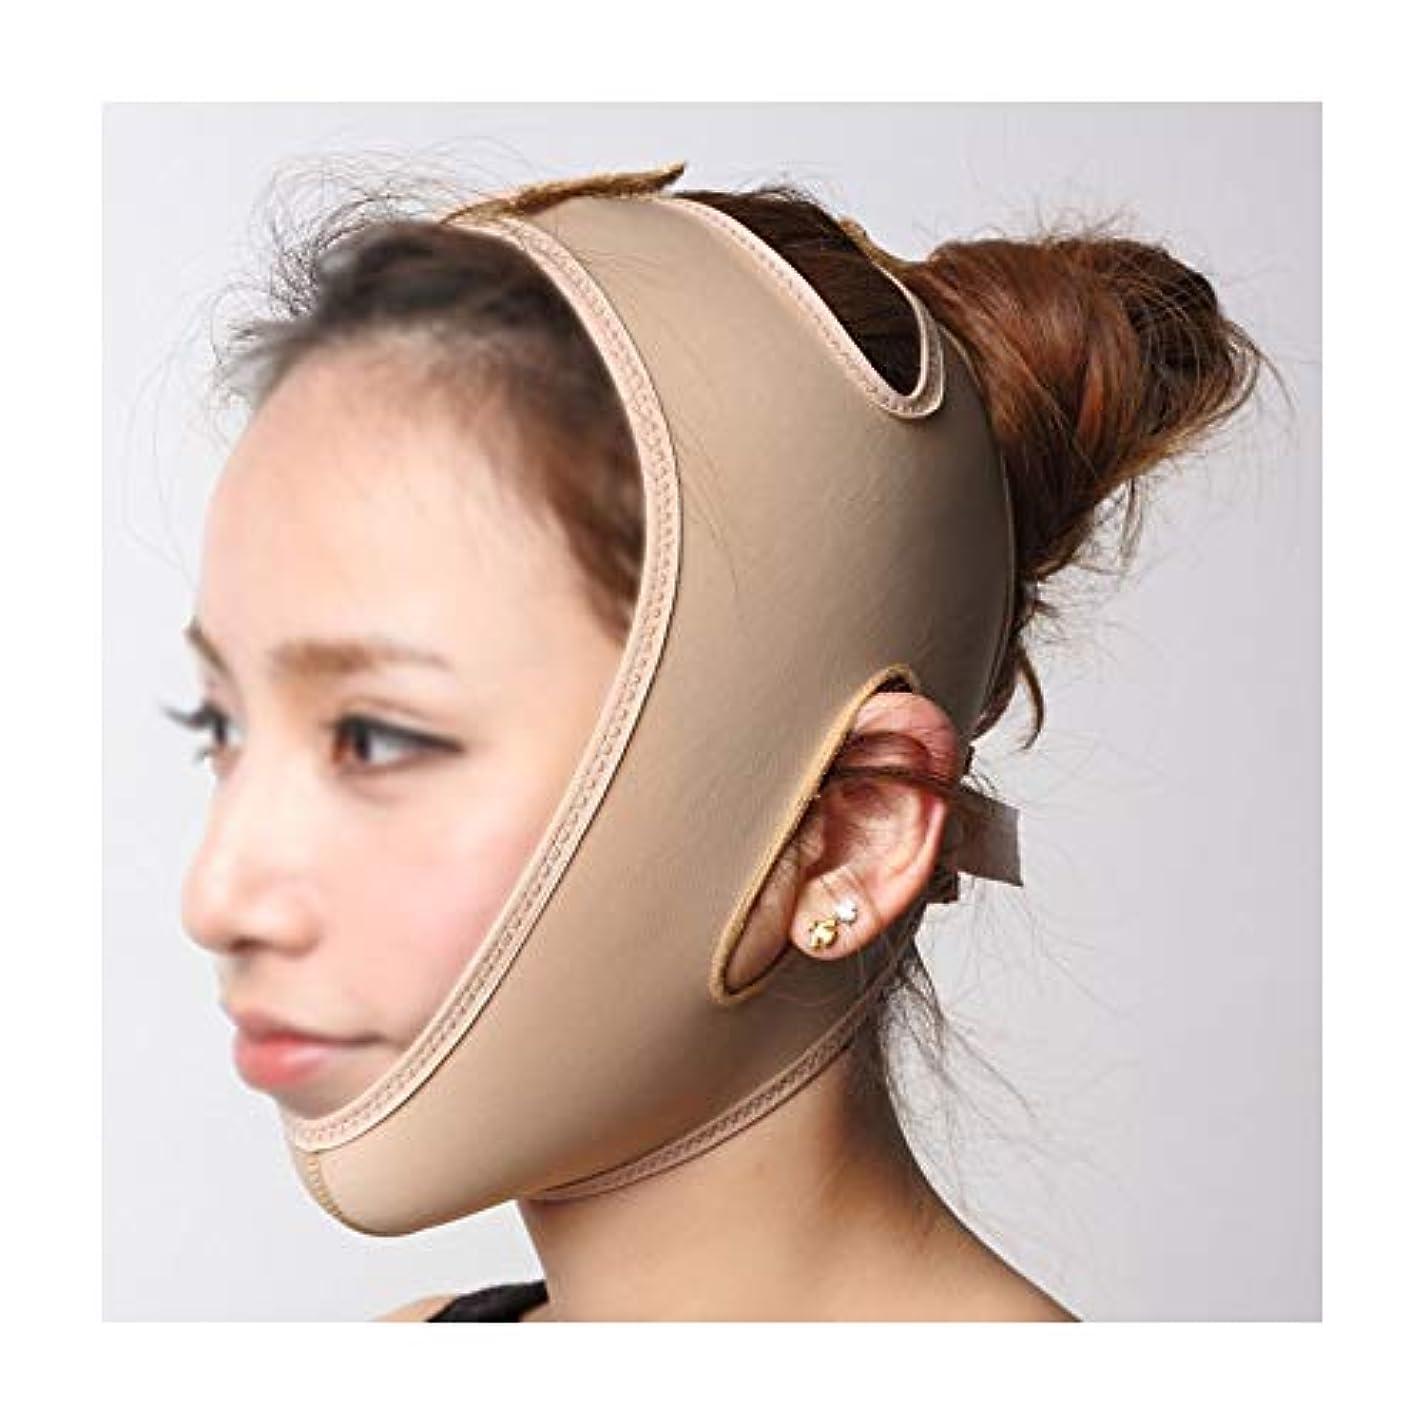 出来事制約良性LJK 引き締めフェイスマスク、睡眠薄い顔包帯薄いフェイスマスクフェイスリフティングフェイスメロンフェイスVフェイスリフティング引き締め二重あご美容ツール (Size : XXL)